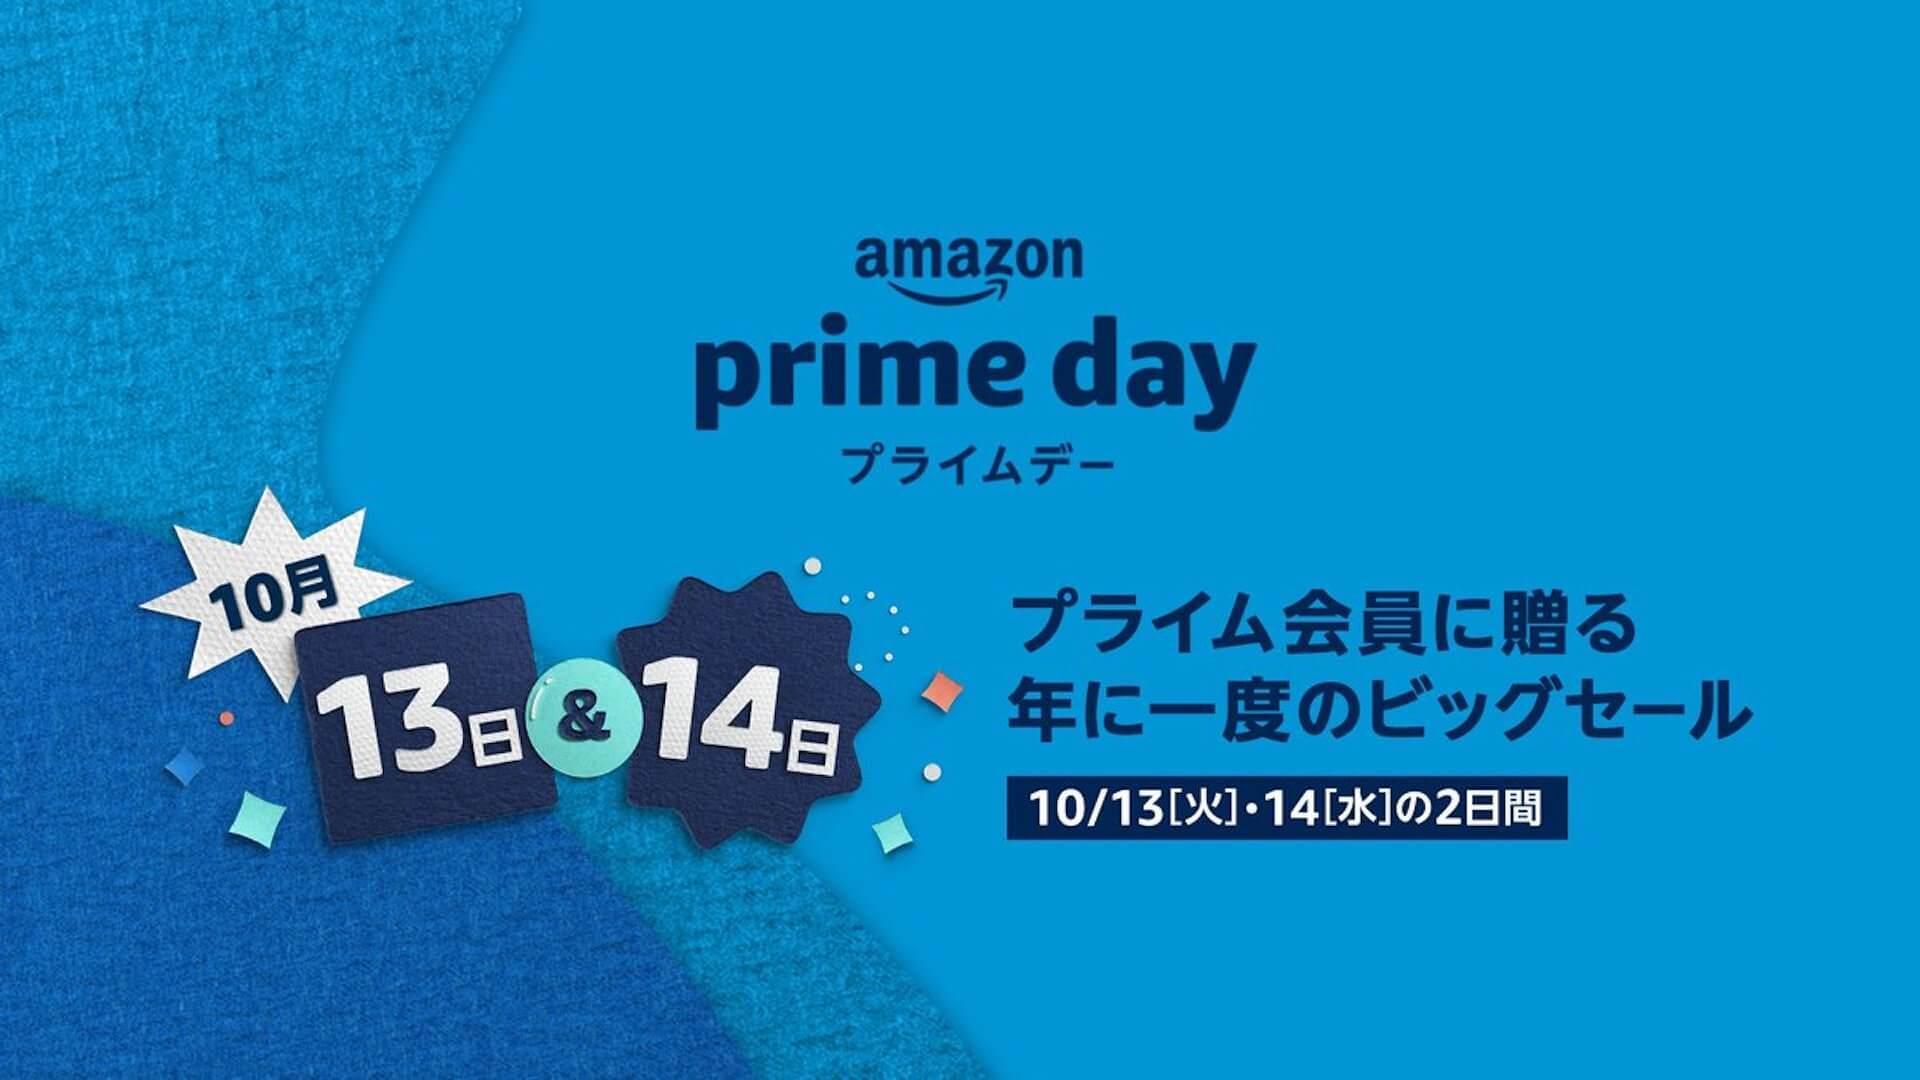 ついに今年のAmazonプライムデー開催日決定!今年も48時間開催&100万点以上が特別価格で販売 tech200928_amazonprimeday_1